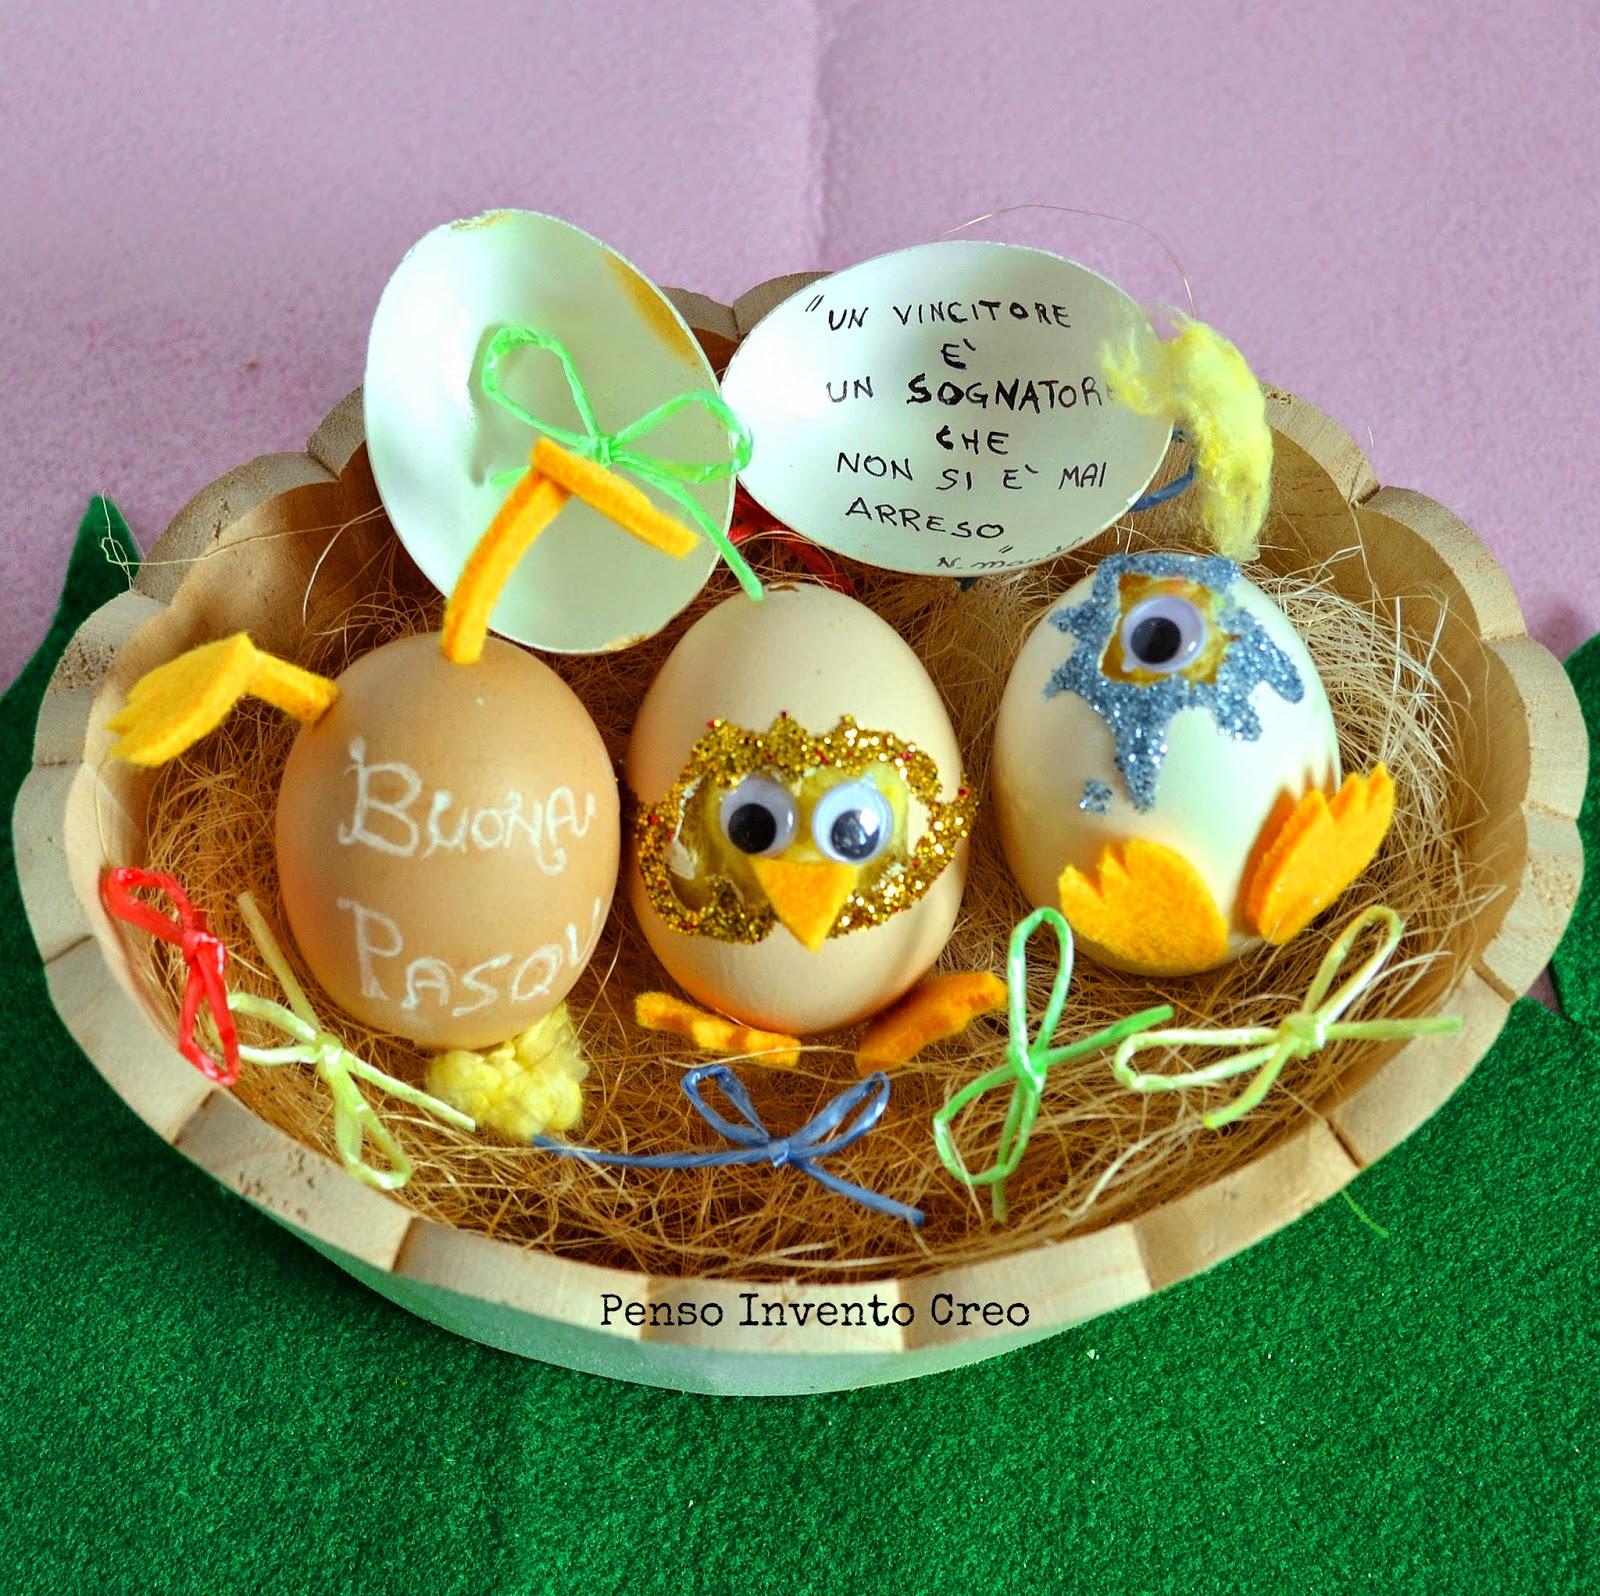 cesto con uova decorate come se dentro ci fosse un pulcino che esce dal guscio, in ovatta